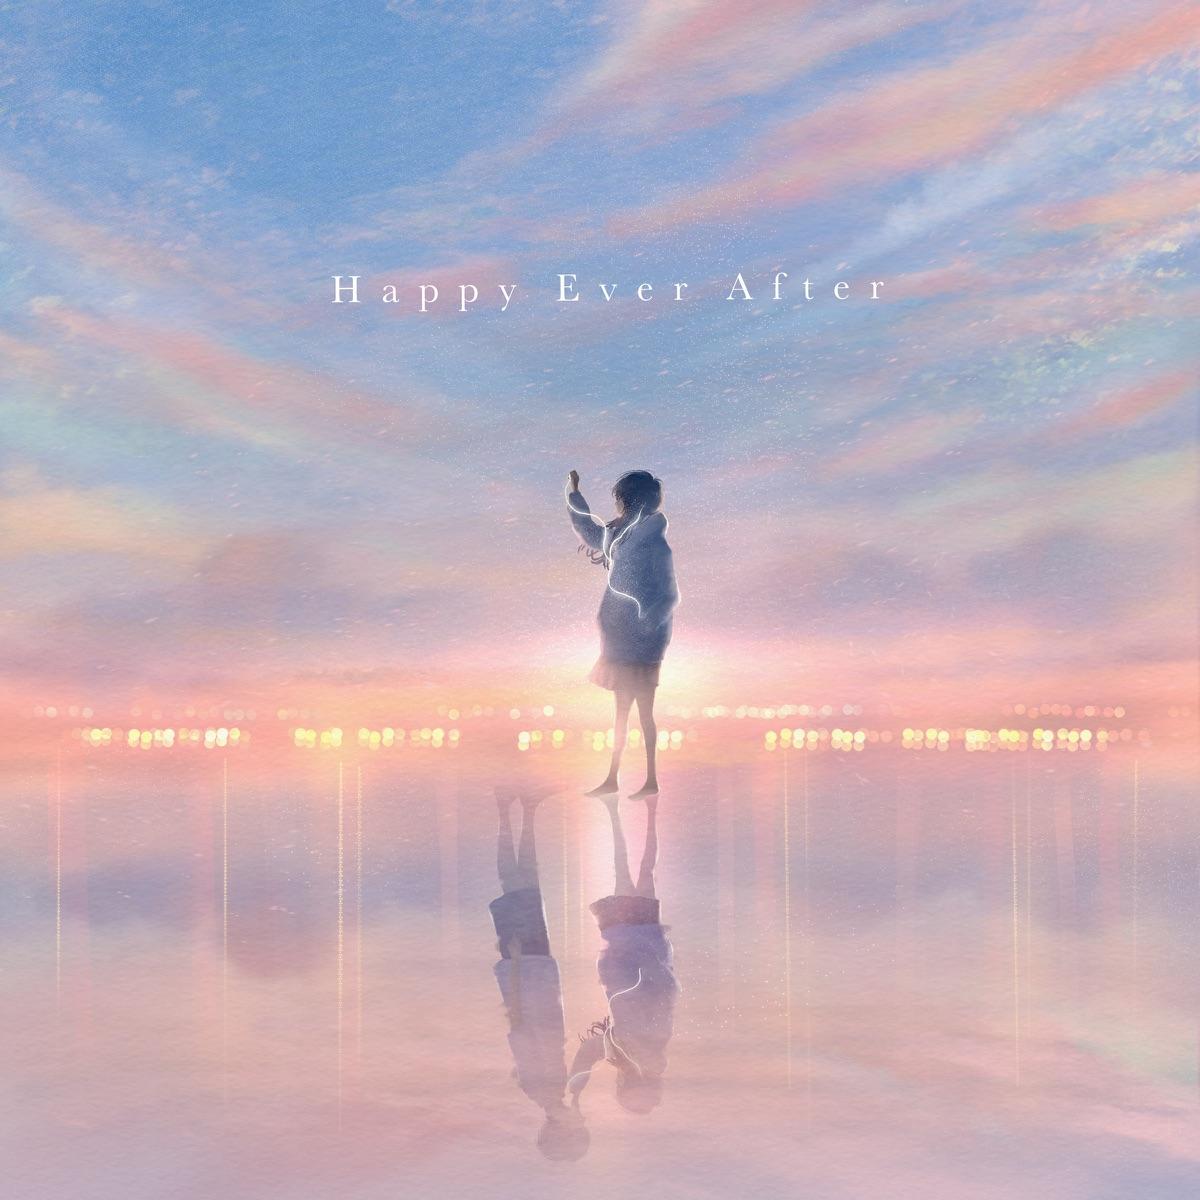 『FAKY - HappyEverAfter』収録の『HappyEverAfter』ジャケット